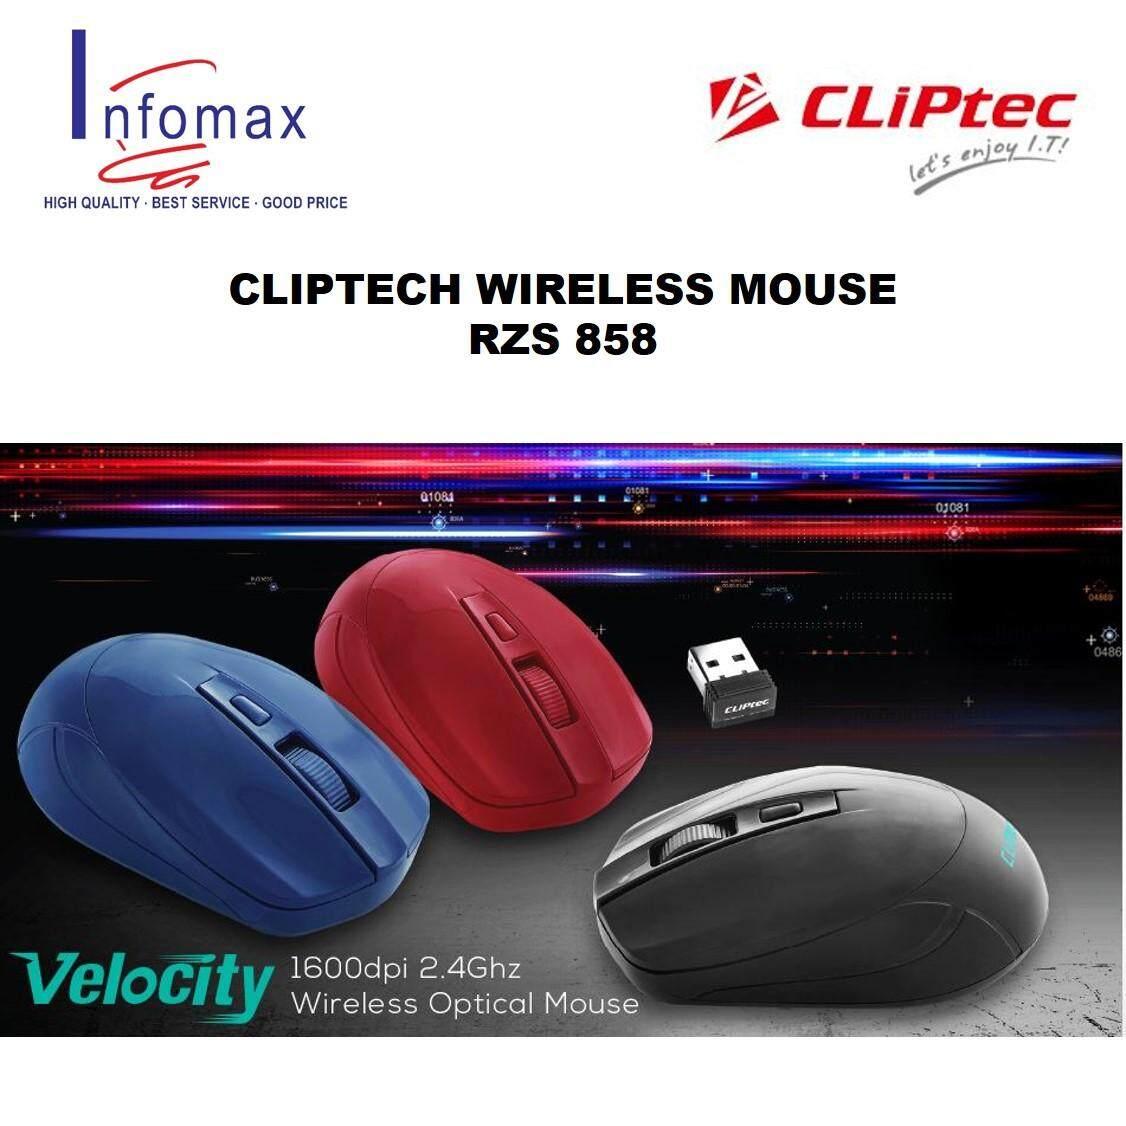 Cliptec 2.4GHZ Wireless Mouse RZSS857/RZS858 Malaysia